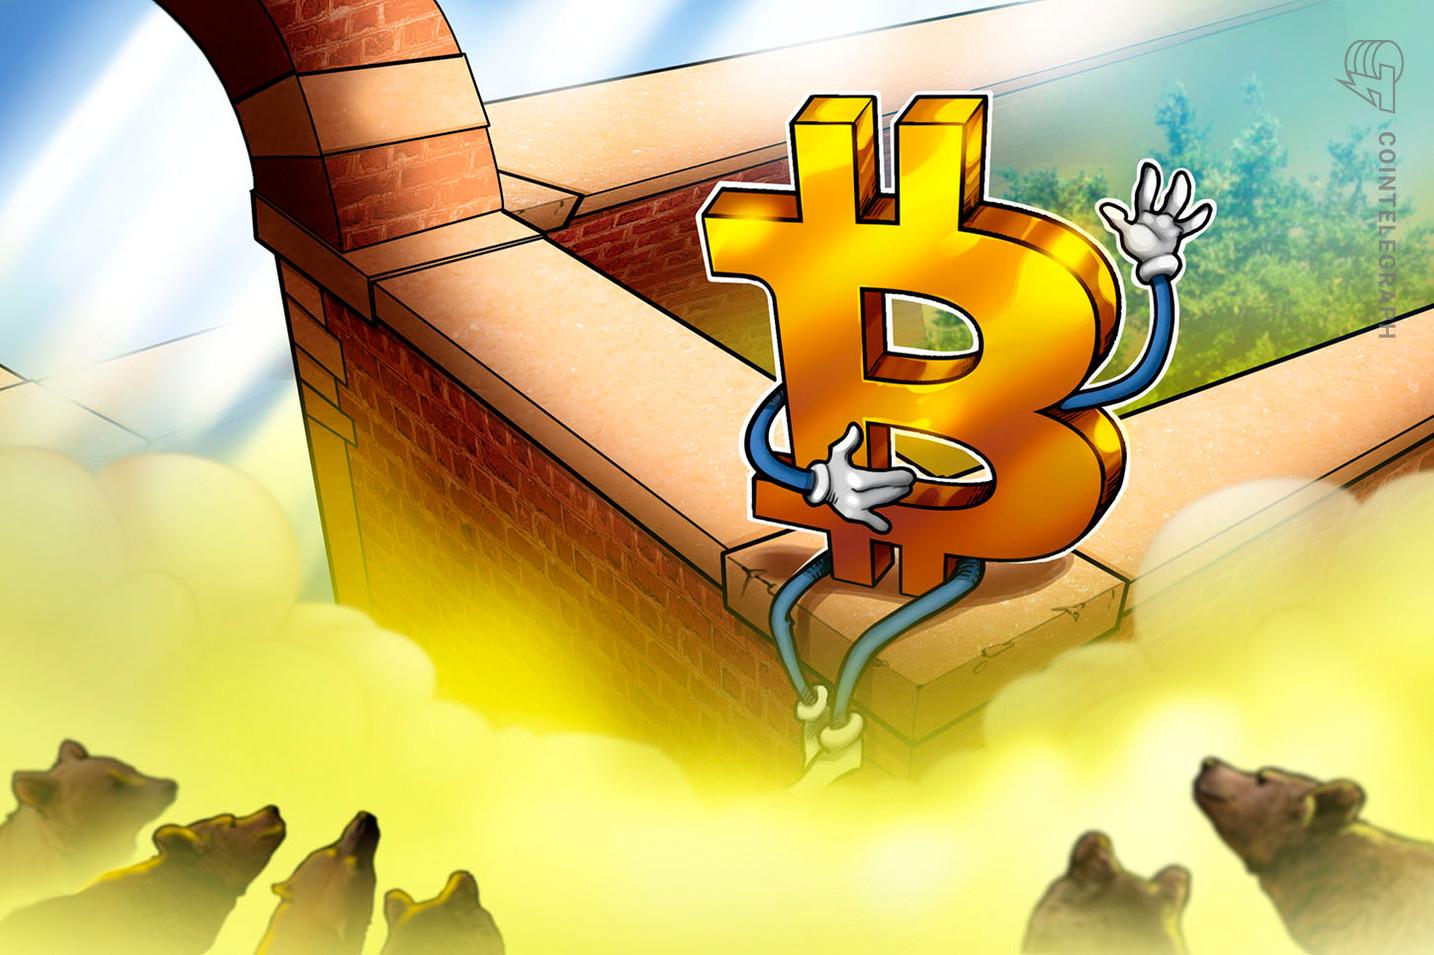 Datos muestran que los bajistas de Bitcoin dominan el vencimiento de 2.5 mil millones de dólares en opciones de BTC de este viernes